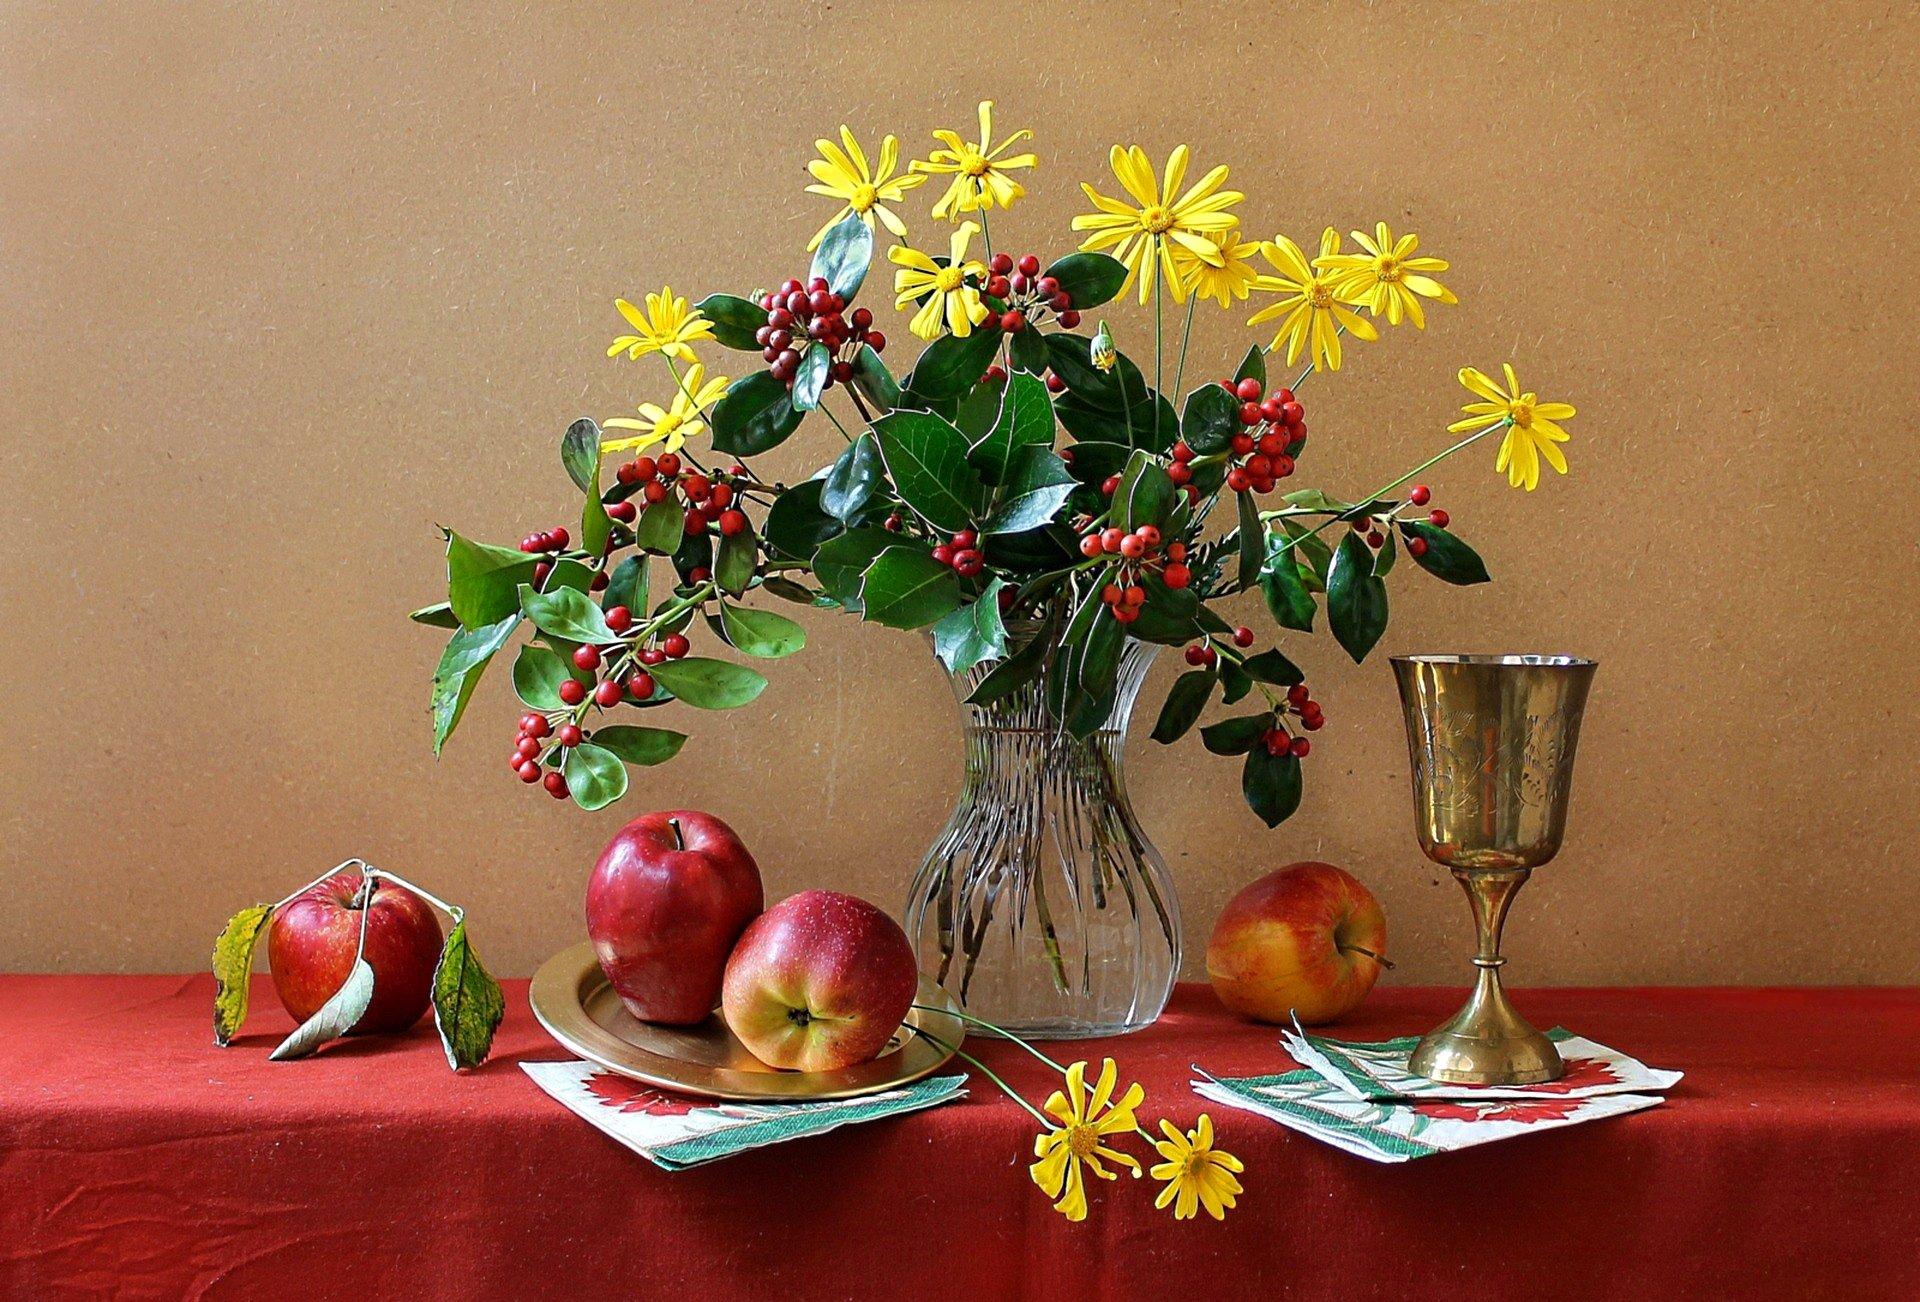 этого натюрморты с цветами и фруктами в фотографиях черепа одна величайших